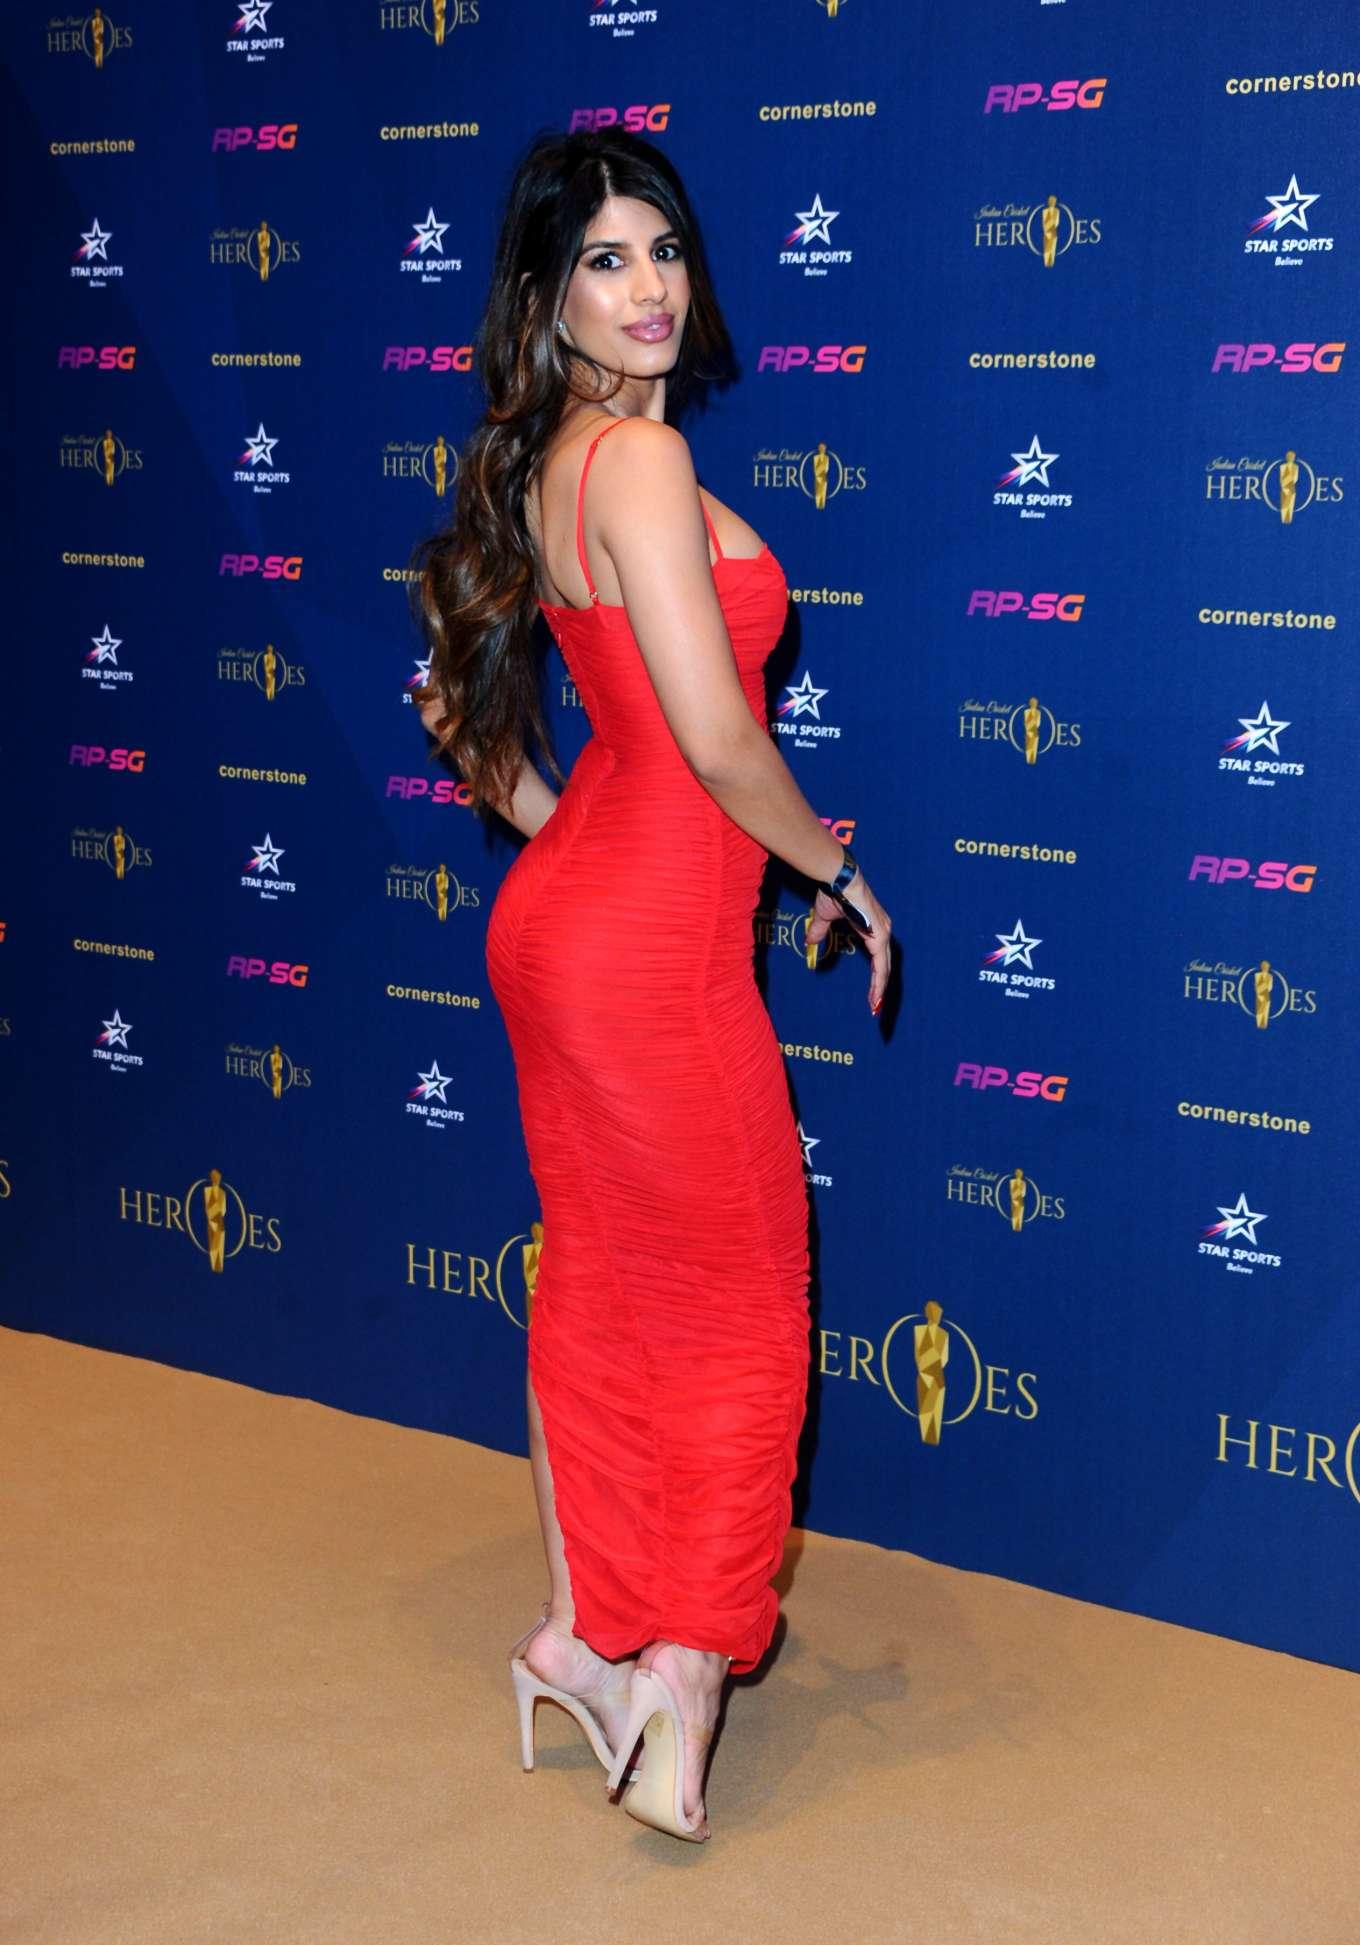 Jasmin Walia 2019 : Jasmin Walia: Indian Cricket Heroes Awards 2019-10